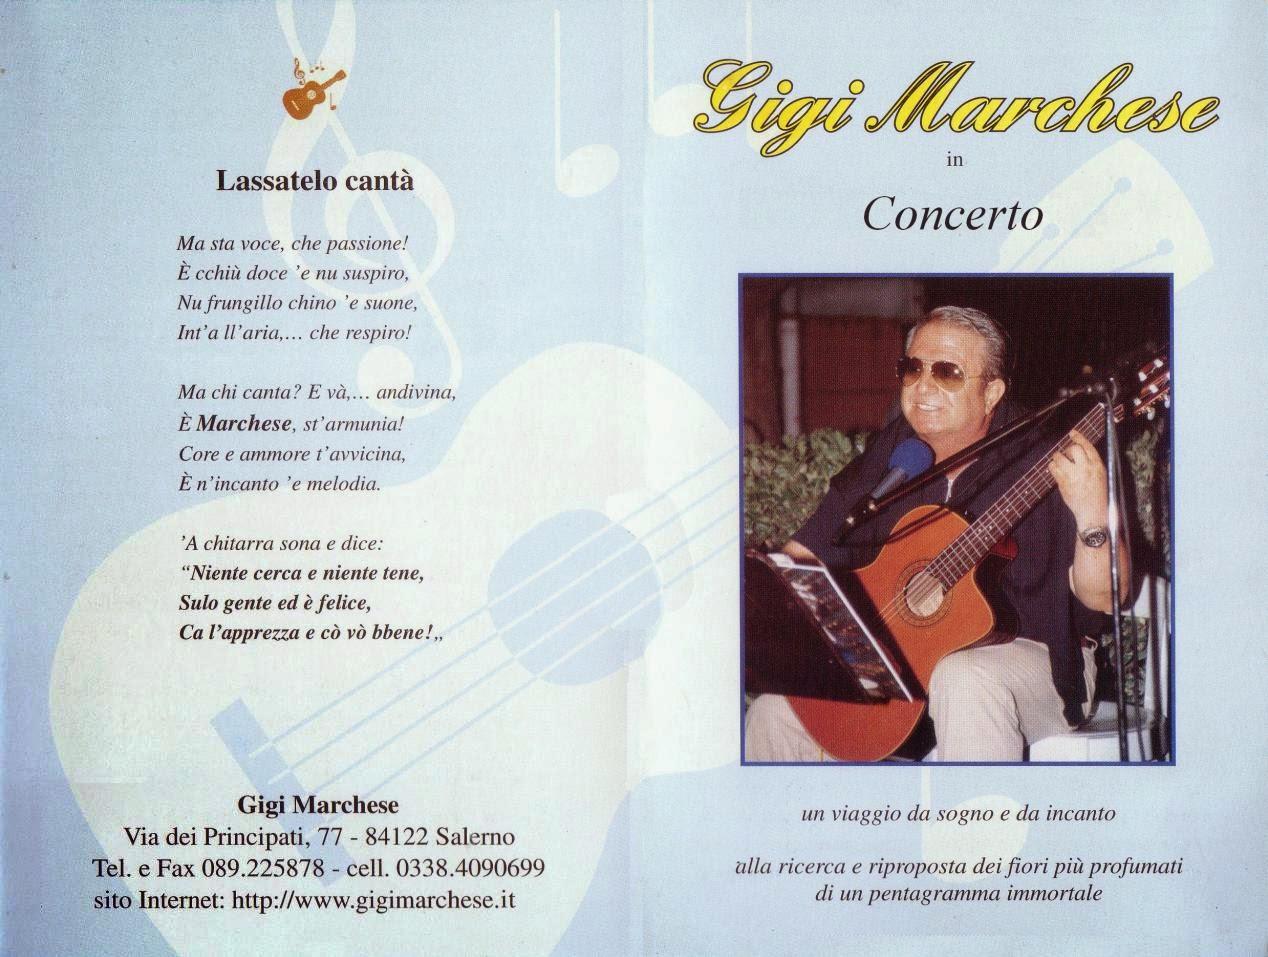 Gigi Marchese in Concerto